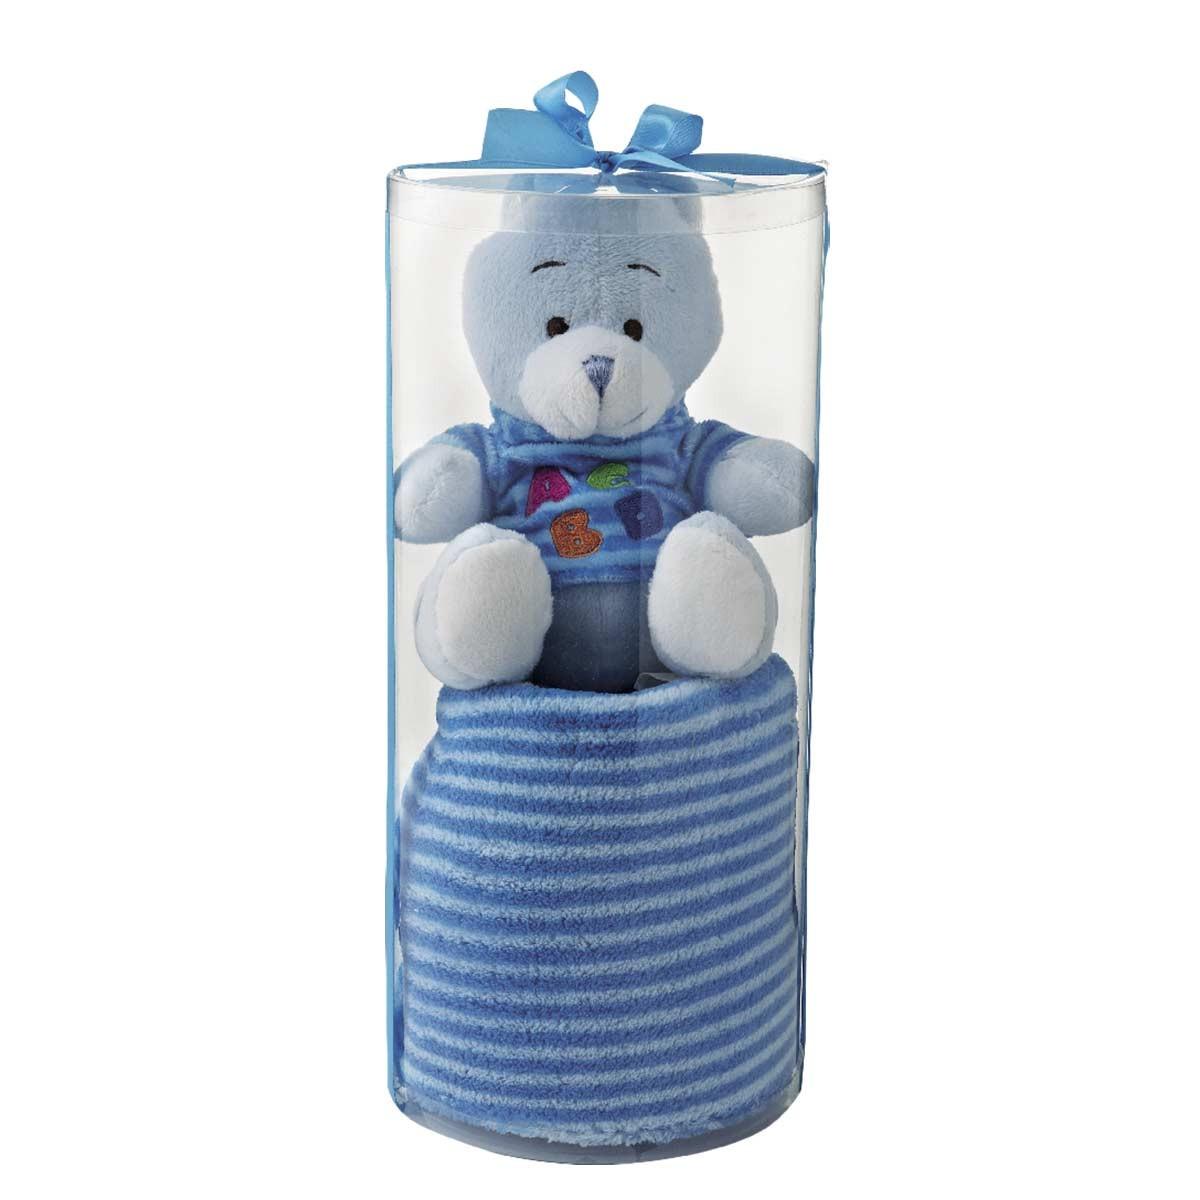 Κουβέρτα Fleece Αγκαλιάς White Egg 2159 Β/Blue home   βρεφικά   κουβέρτες βρεφικές   κουβέρτες fleece